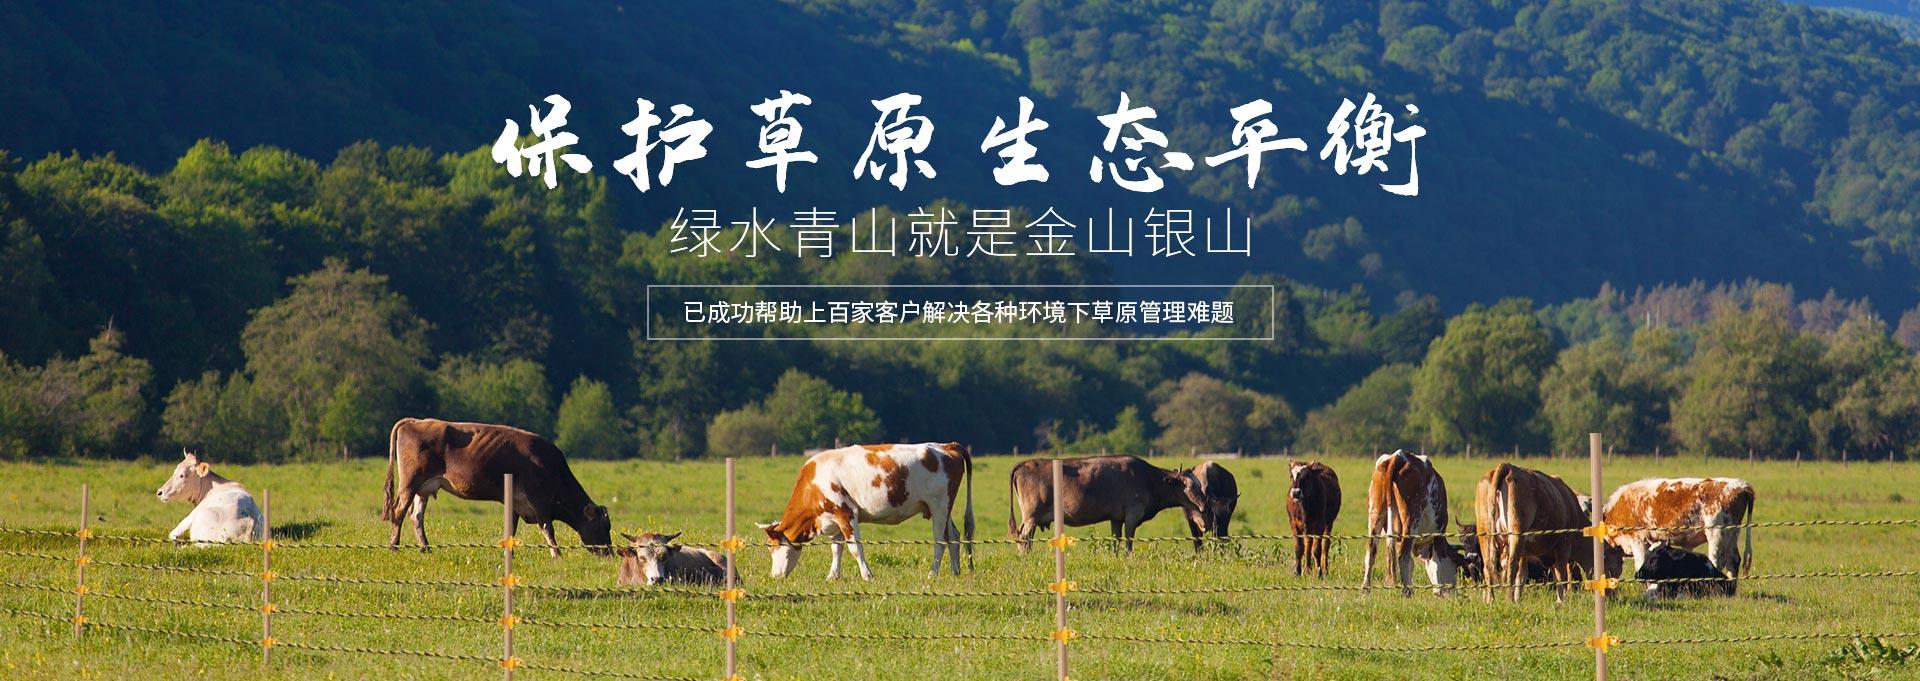 小牛看家-保护草原生态平衡